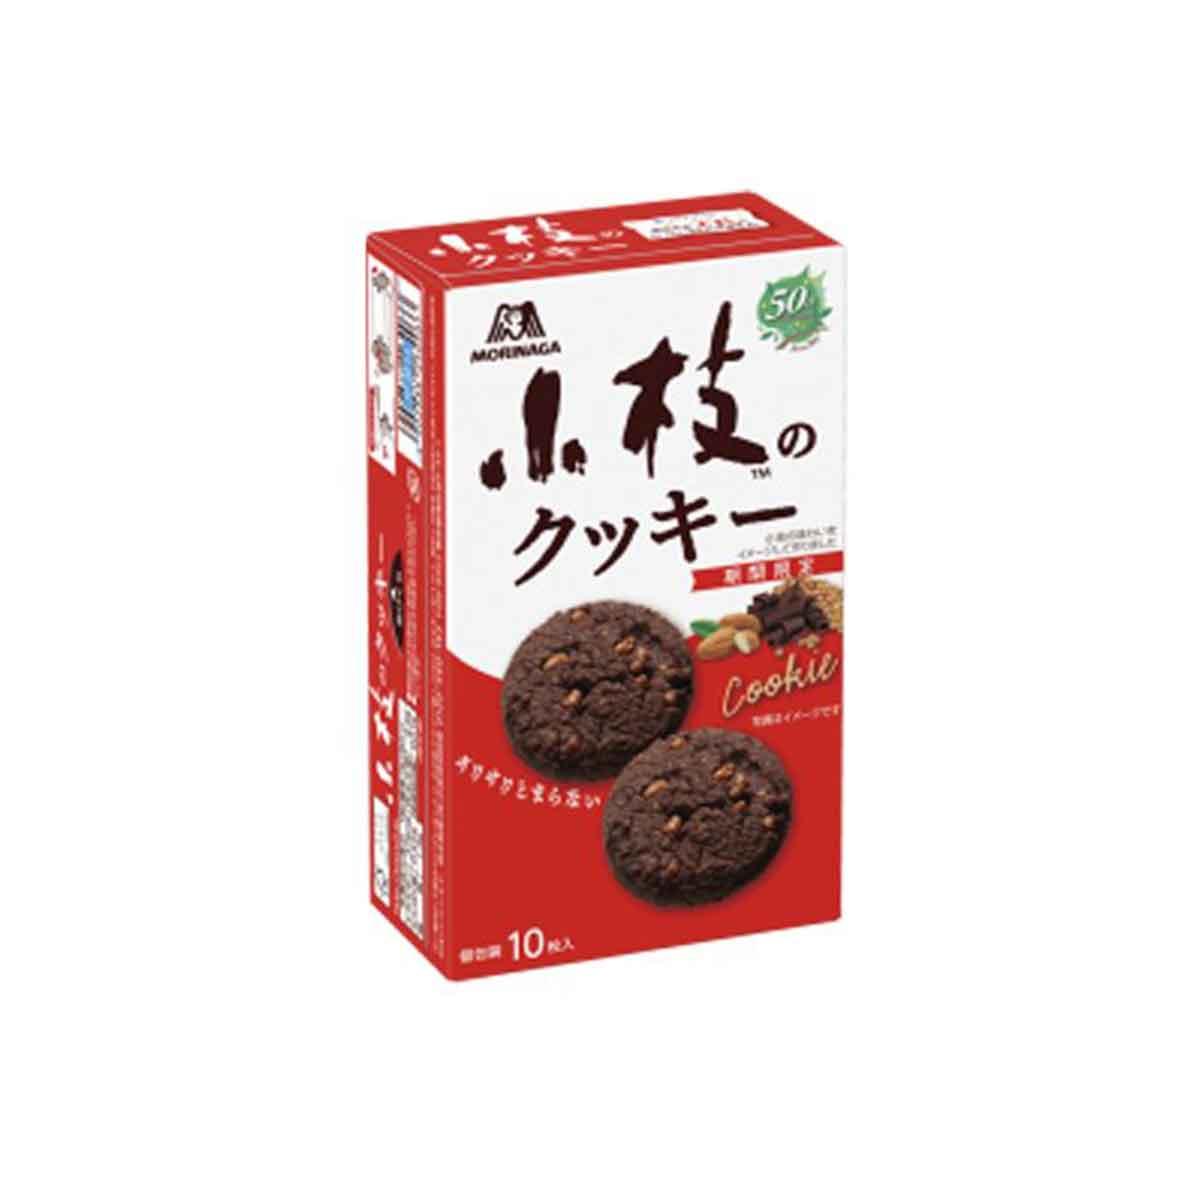 可可風味餅 cookie 50th 期間限定 日本進口製造